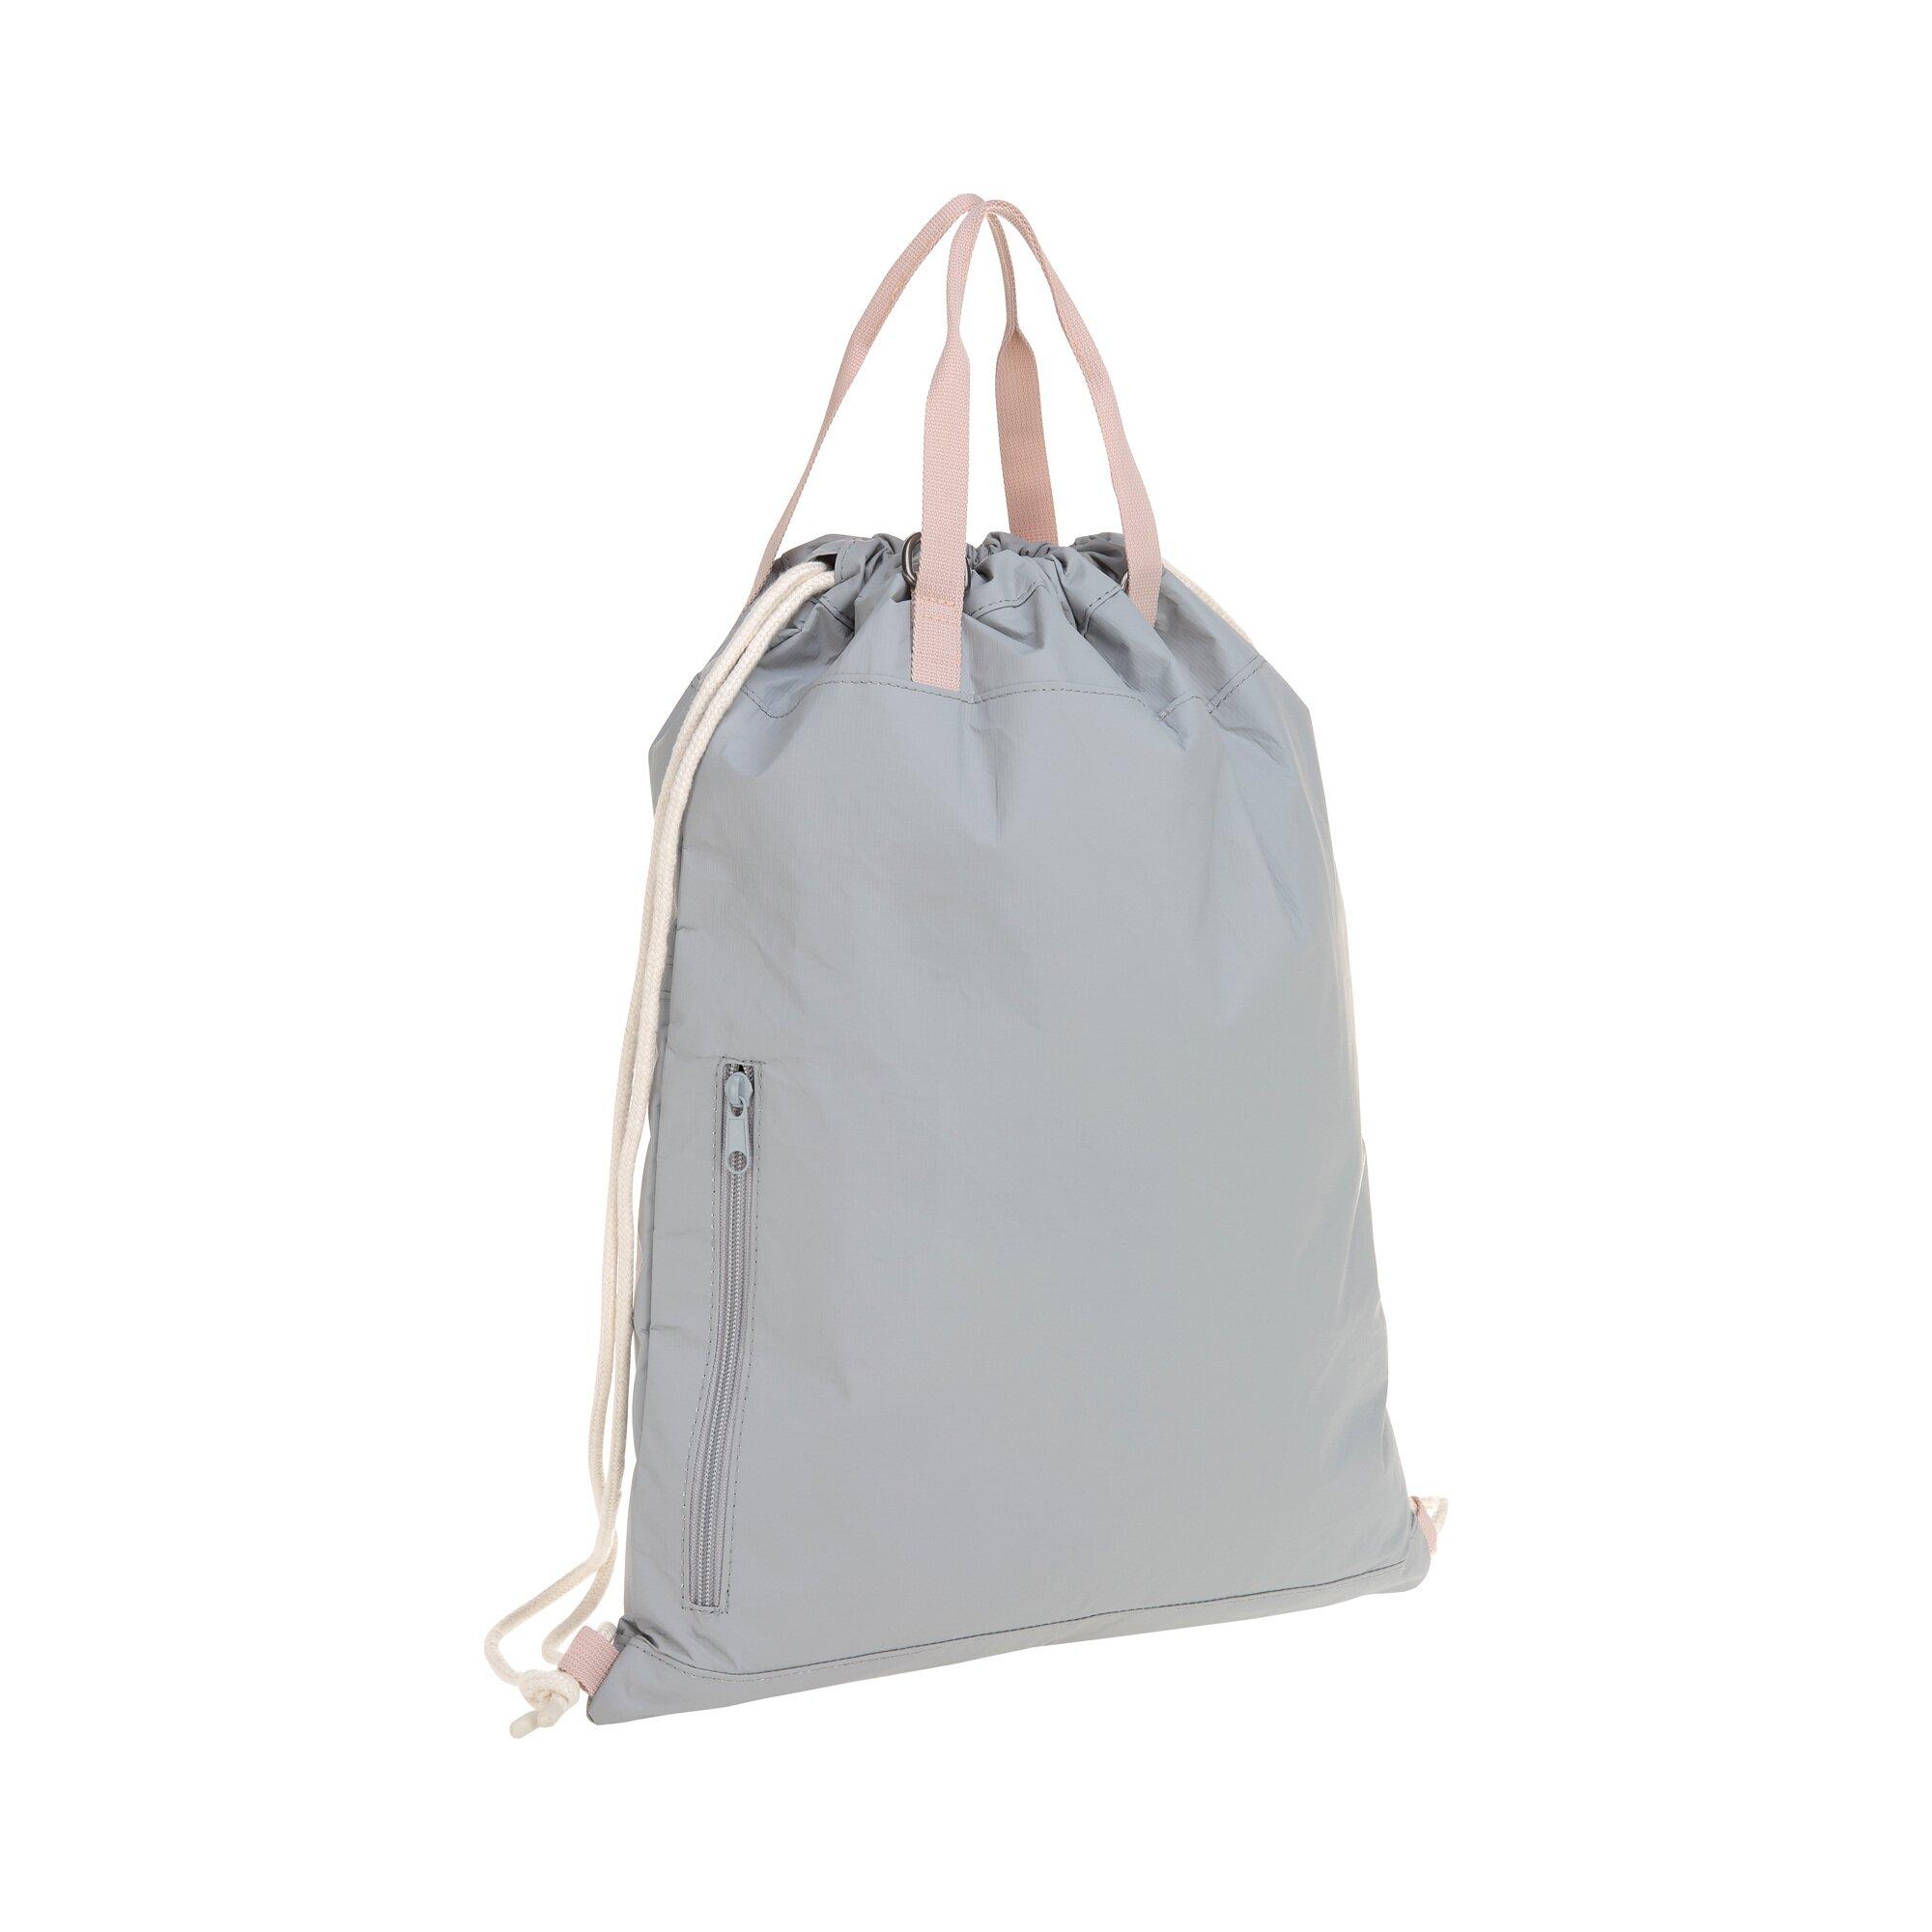 green-label-wickelrucksack-tyve-string-bag-grau